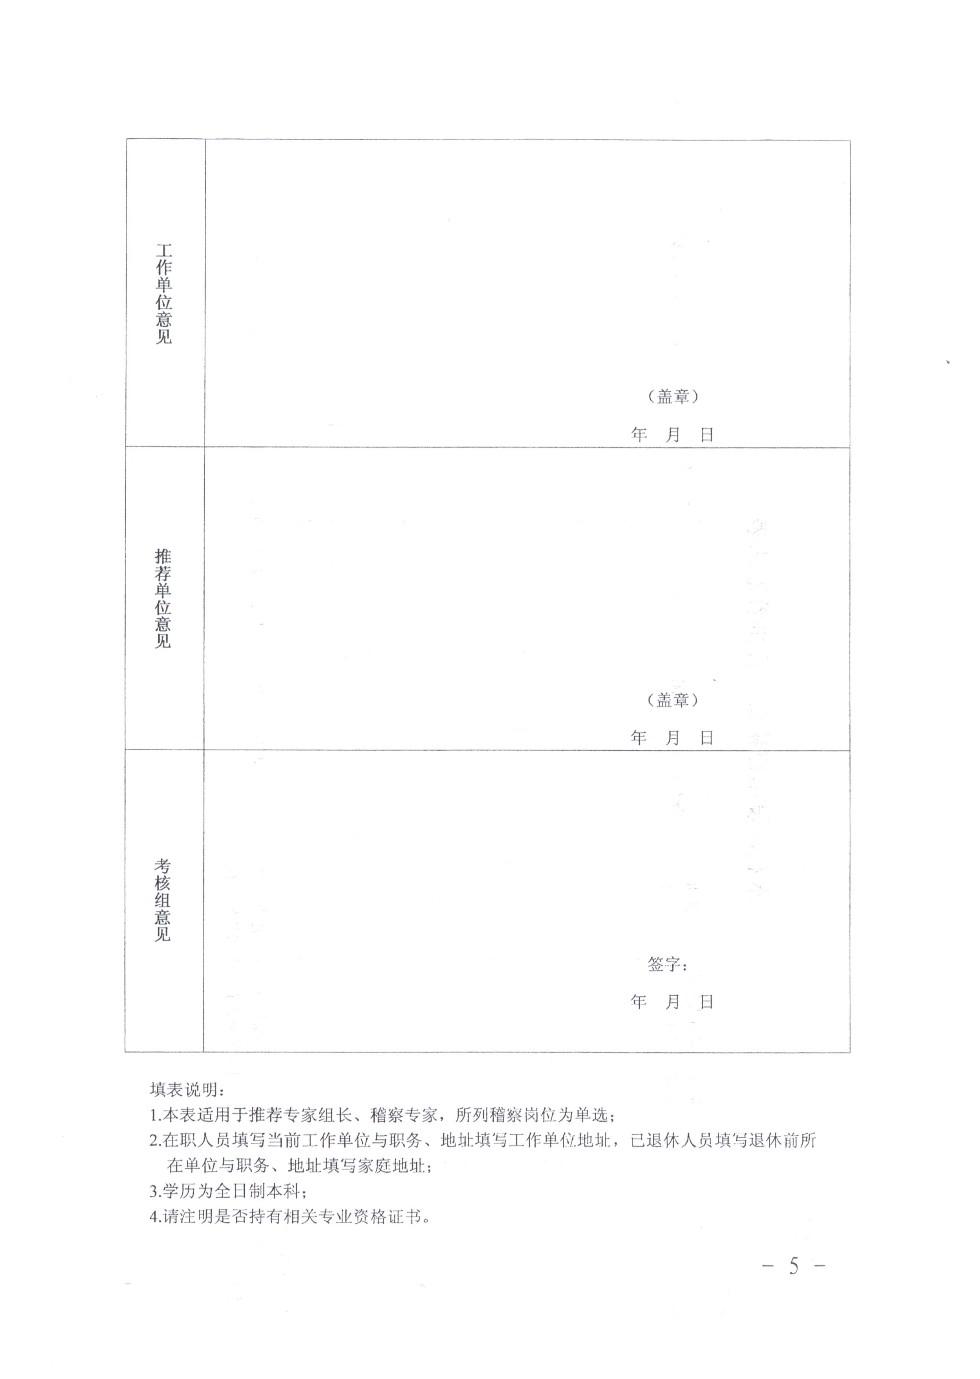 关于推荐水利建设项目稽察专家的通知_页面_5.jpg